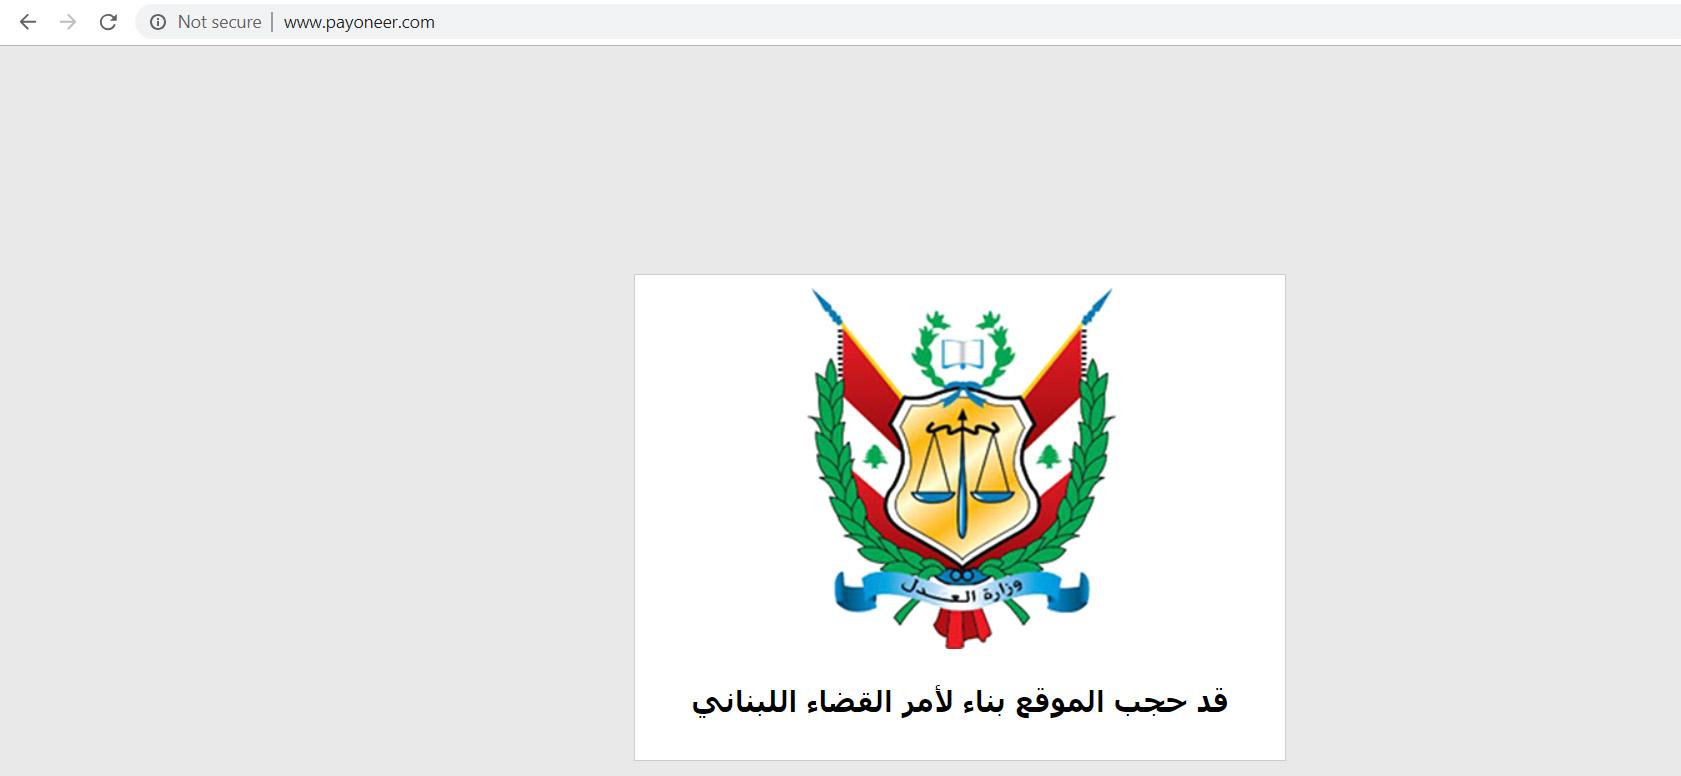 payoneer website blocked in lebanon